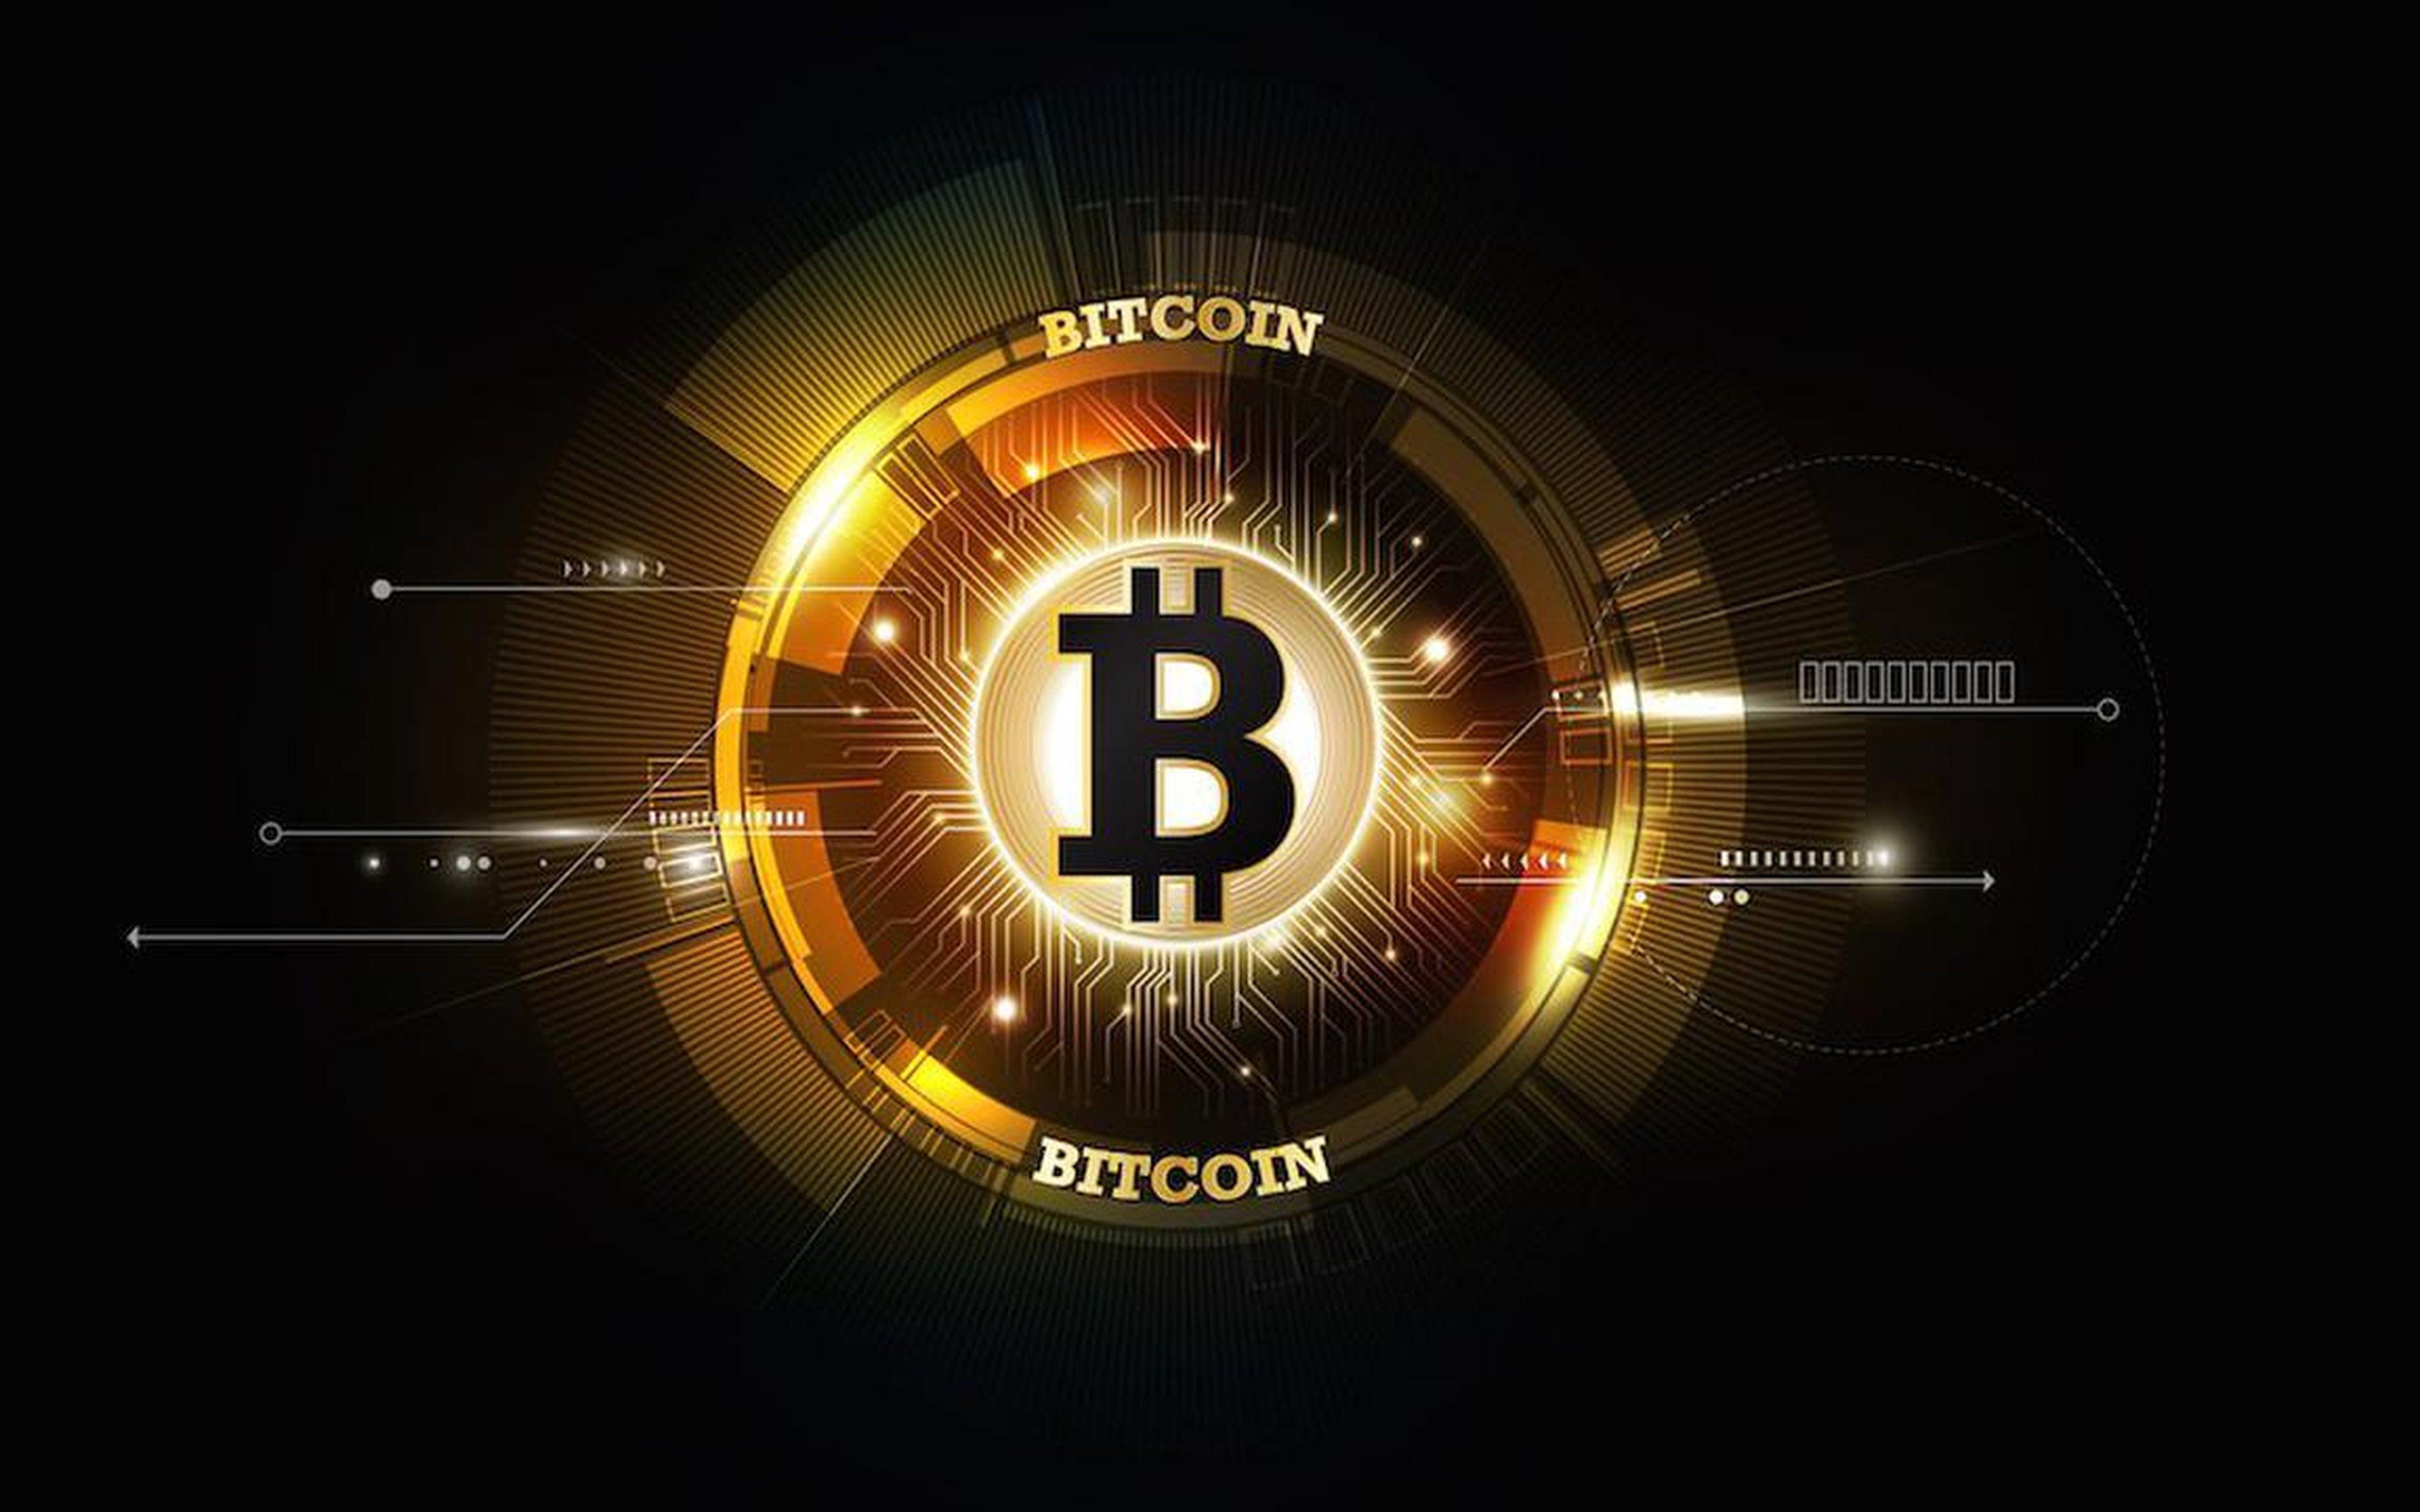 Bitcoin Wallpaper Full Hd 3840x2400